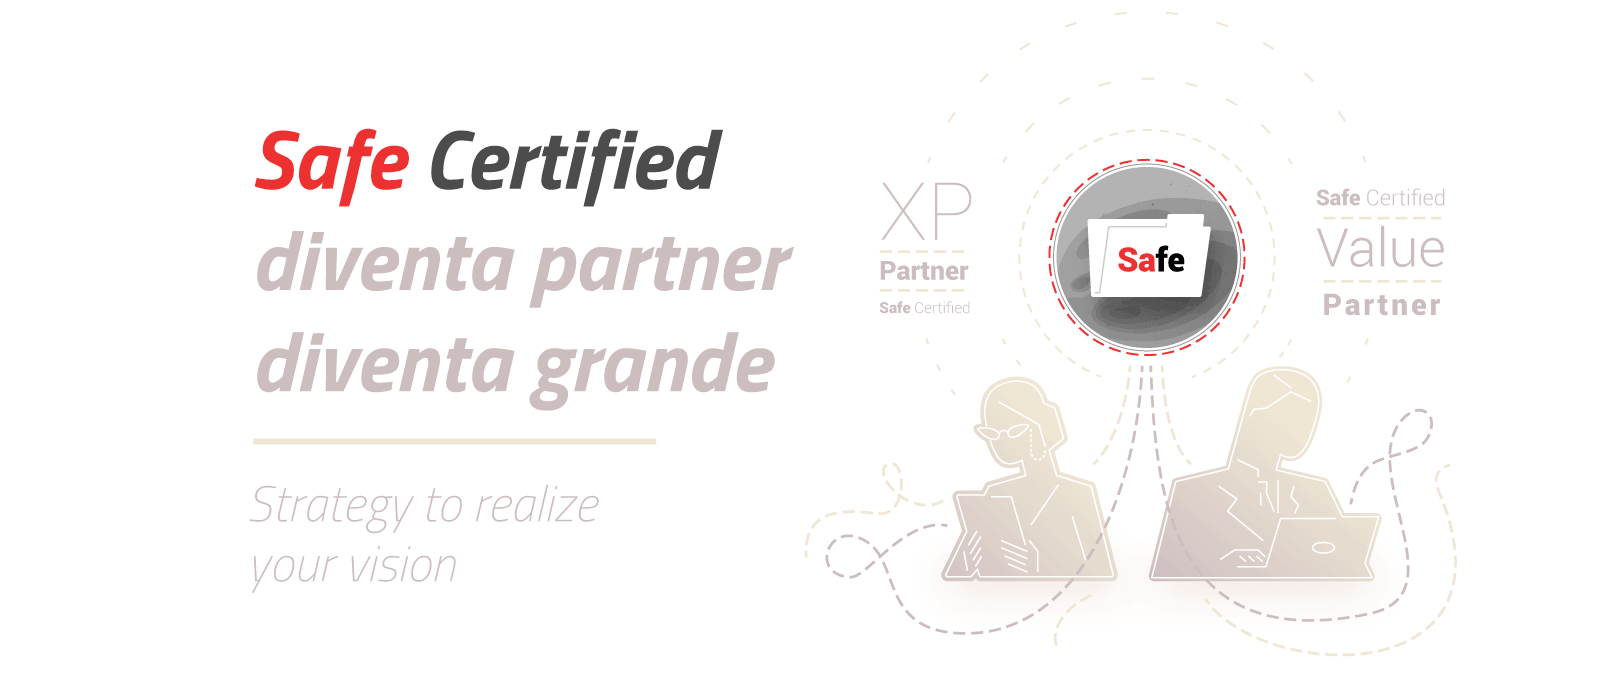 safe Certifield partner schema31